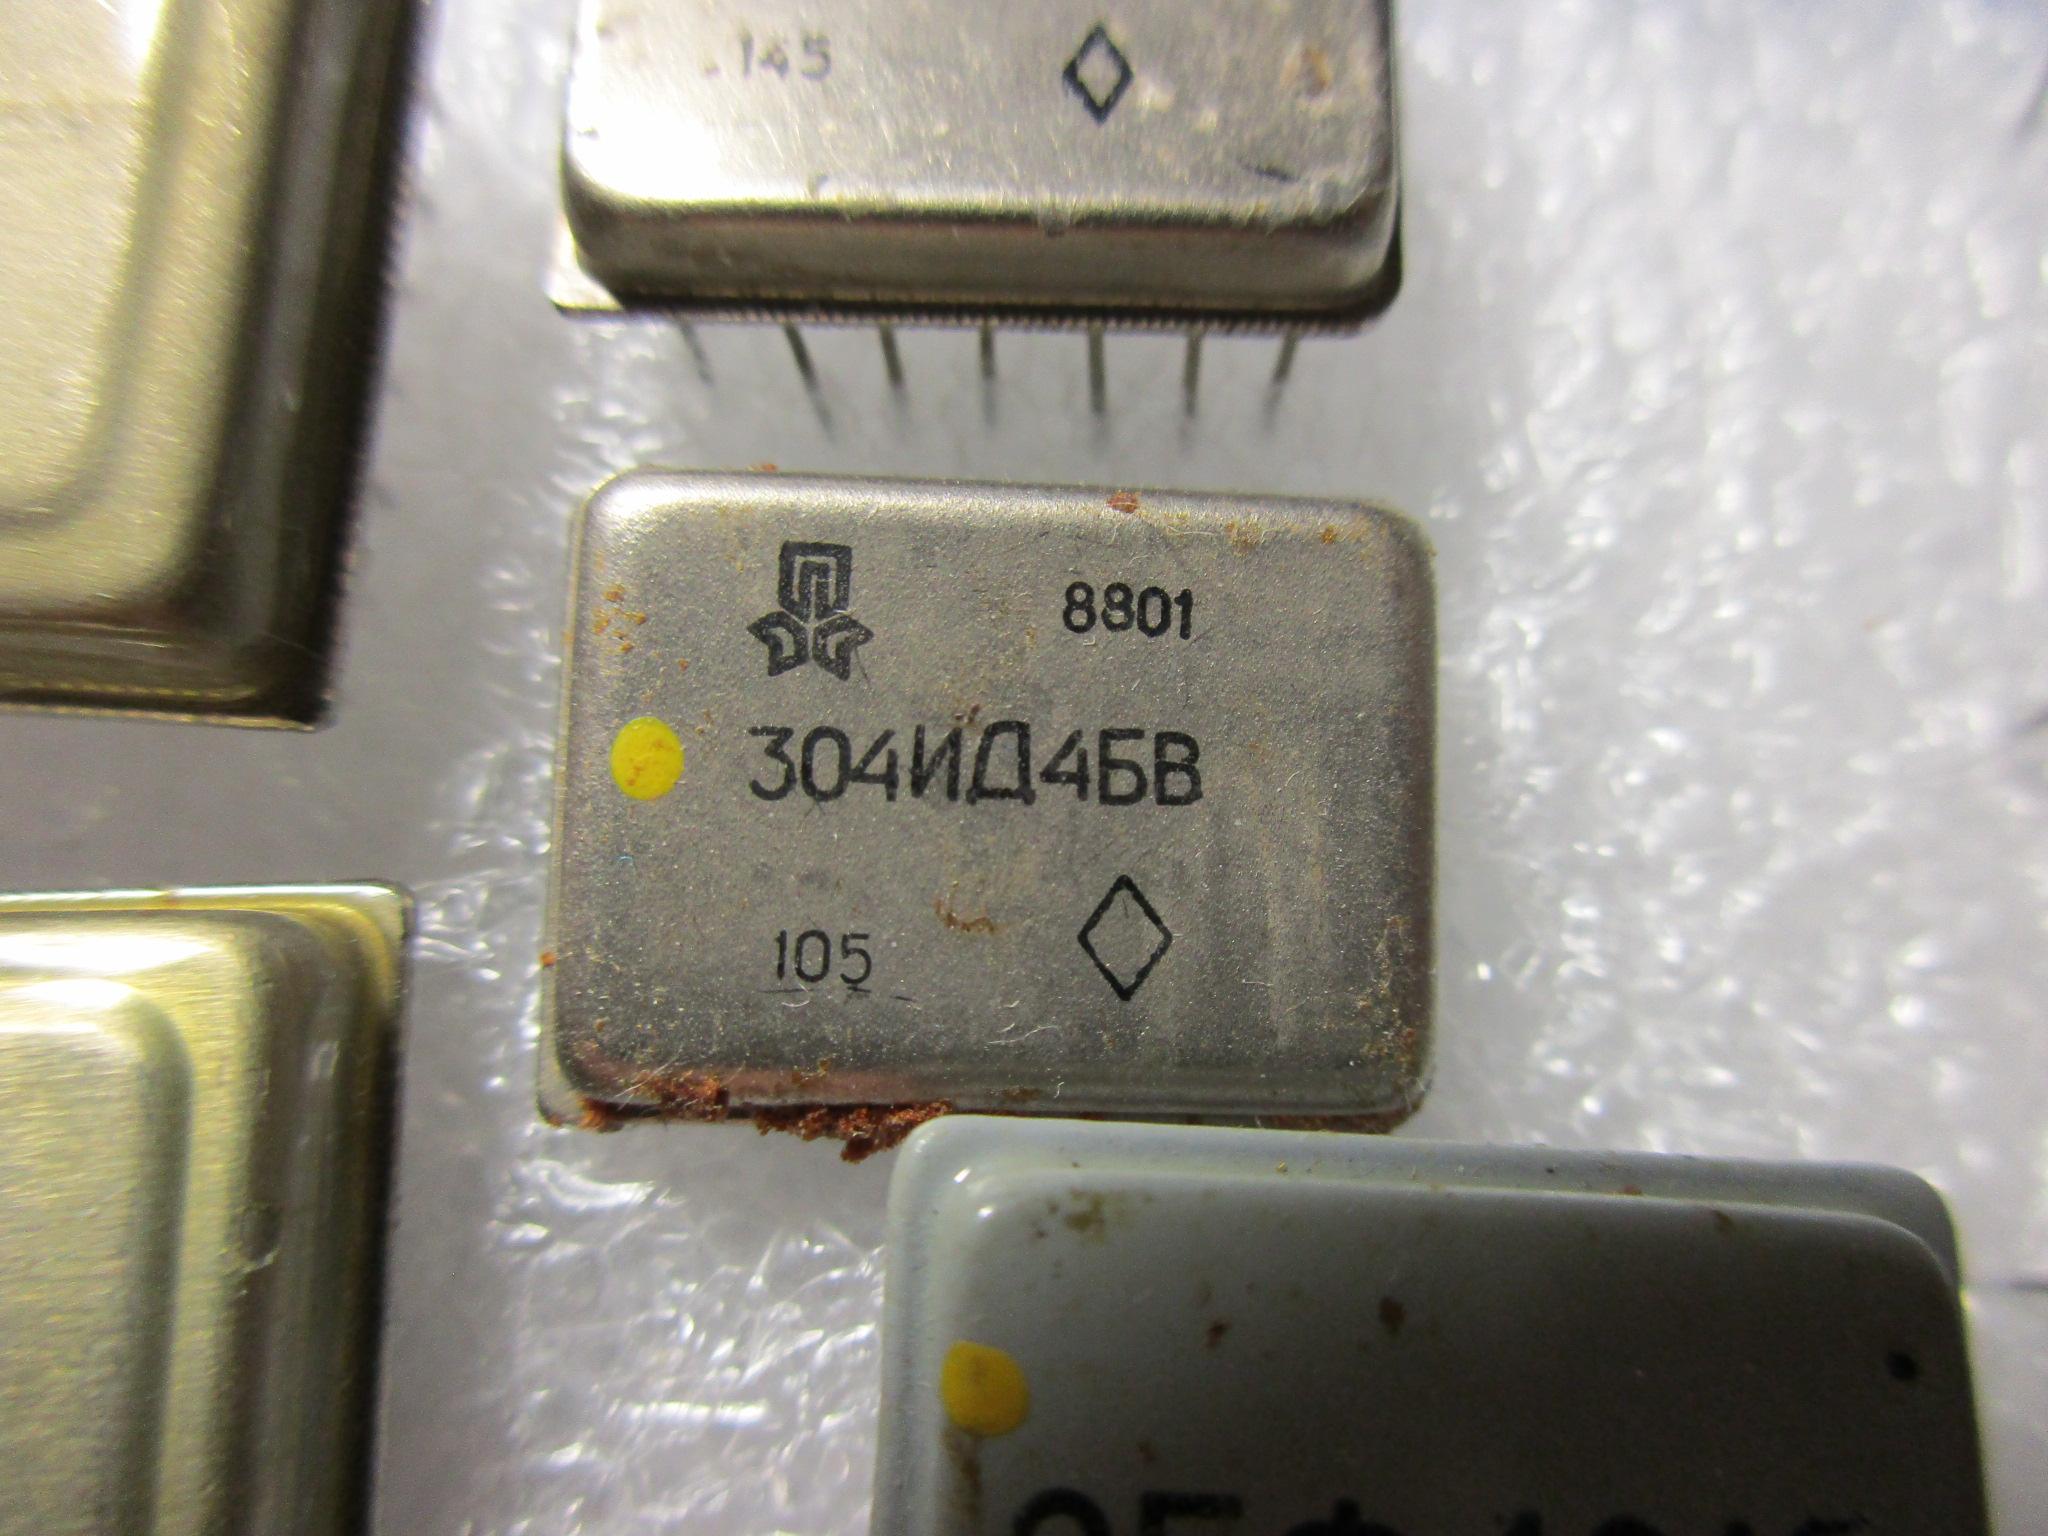 304ИД4БВ.JPG